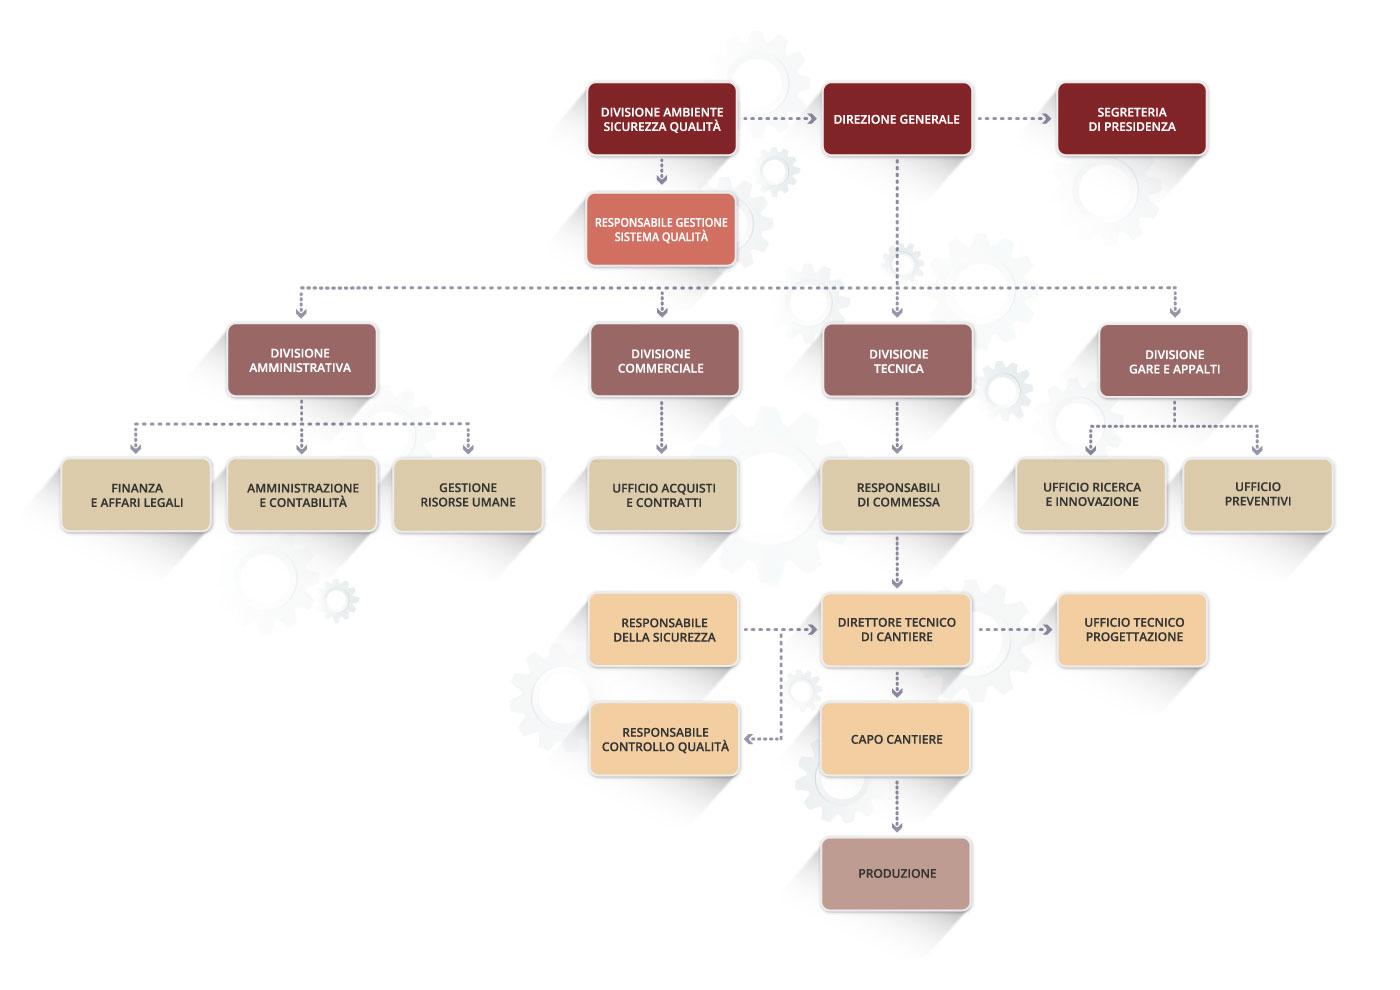 Organigramma Consorzio Stabile GST